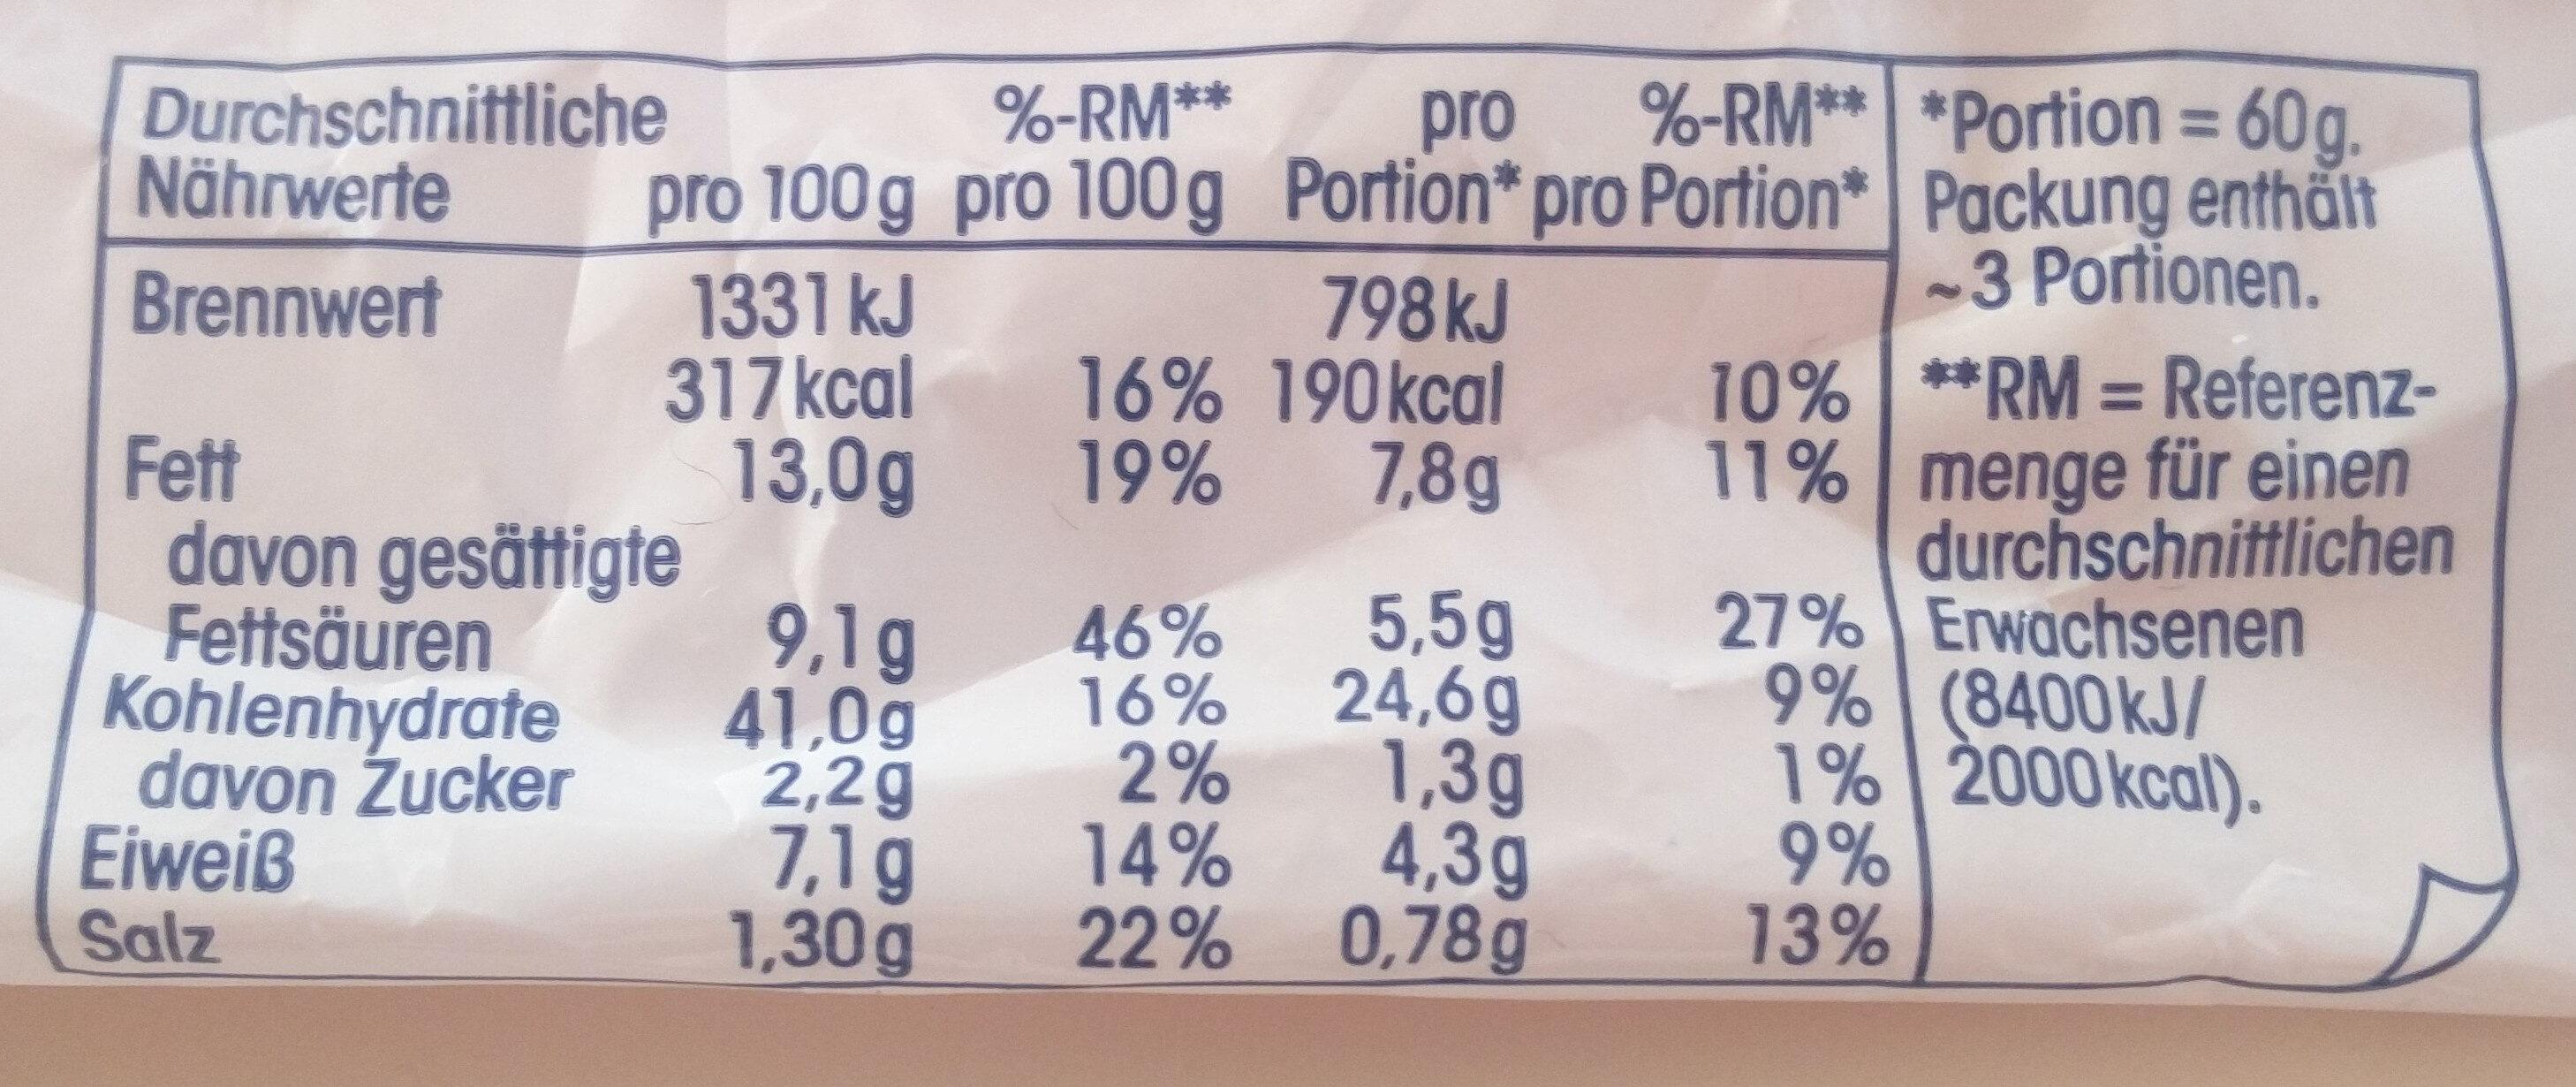 Kräuterbutter Baguette - Valori nutrizionali - de